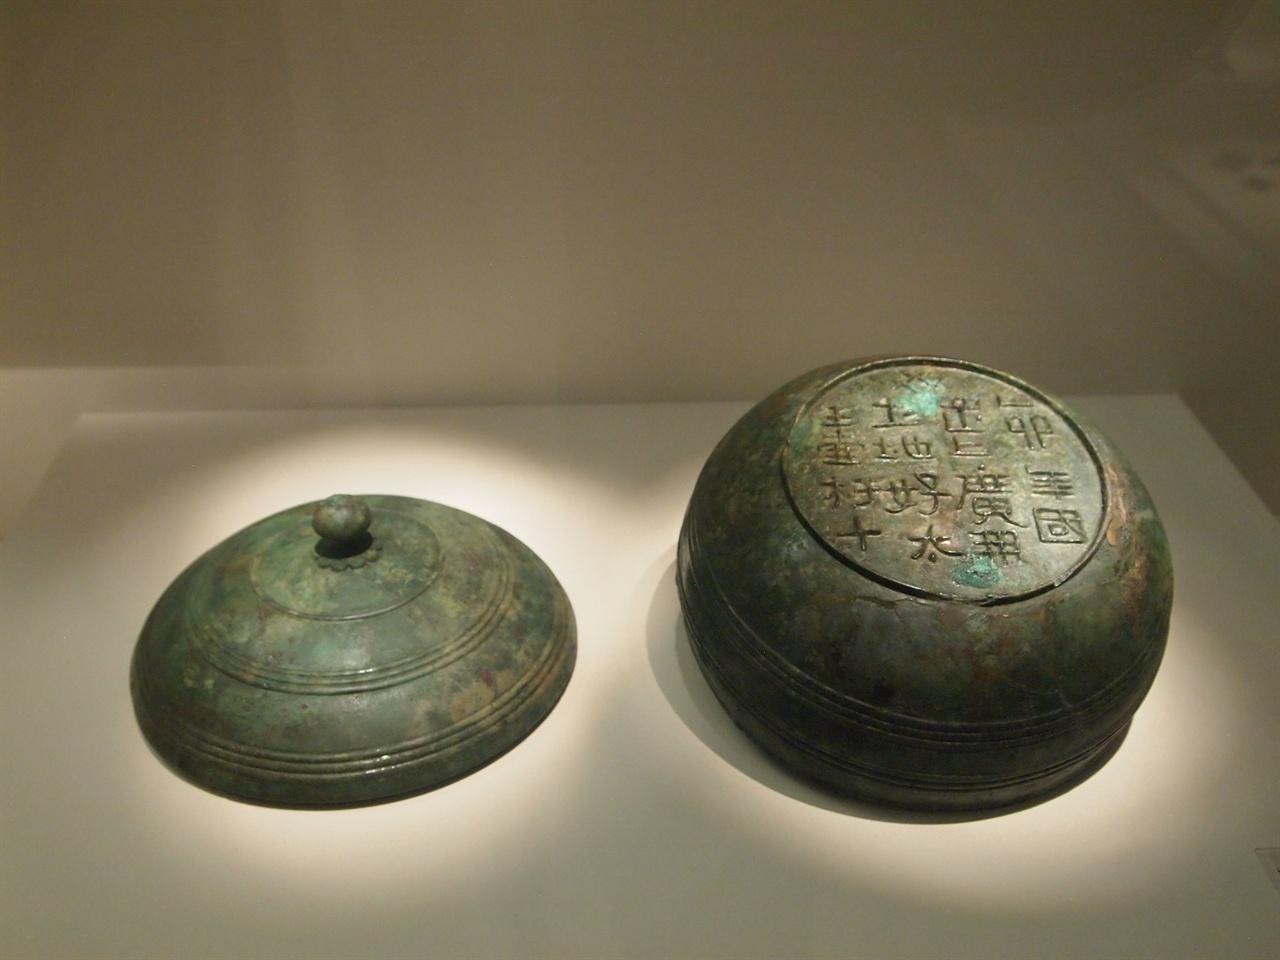 호우명 그릇 호우총에서 출토된 '호우명 그릇' 사진 : 국립중앙박물관 직접 촬영